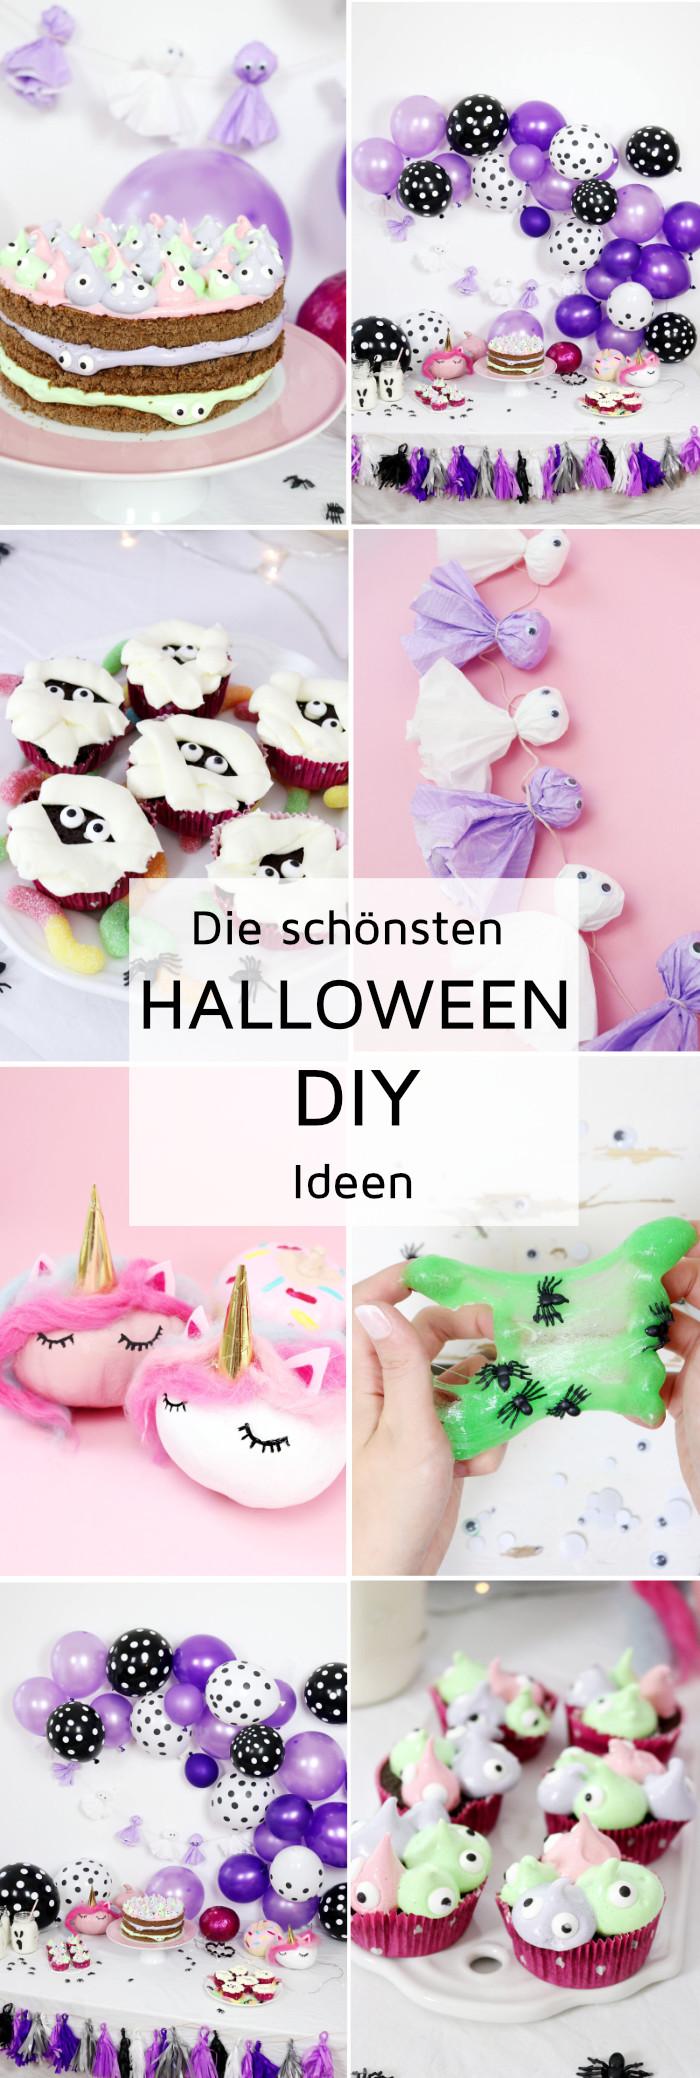 Halloween Deko selber machen: Die besten DIY Halloween Party Ideen!